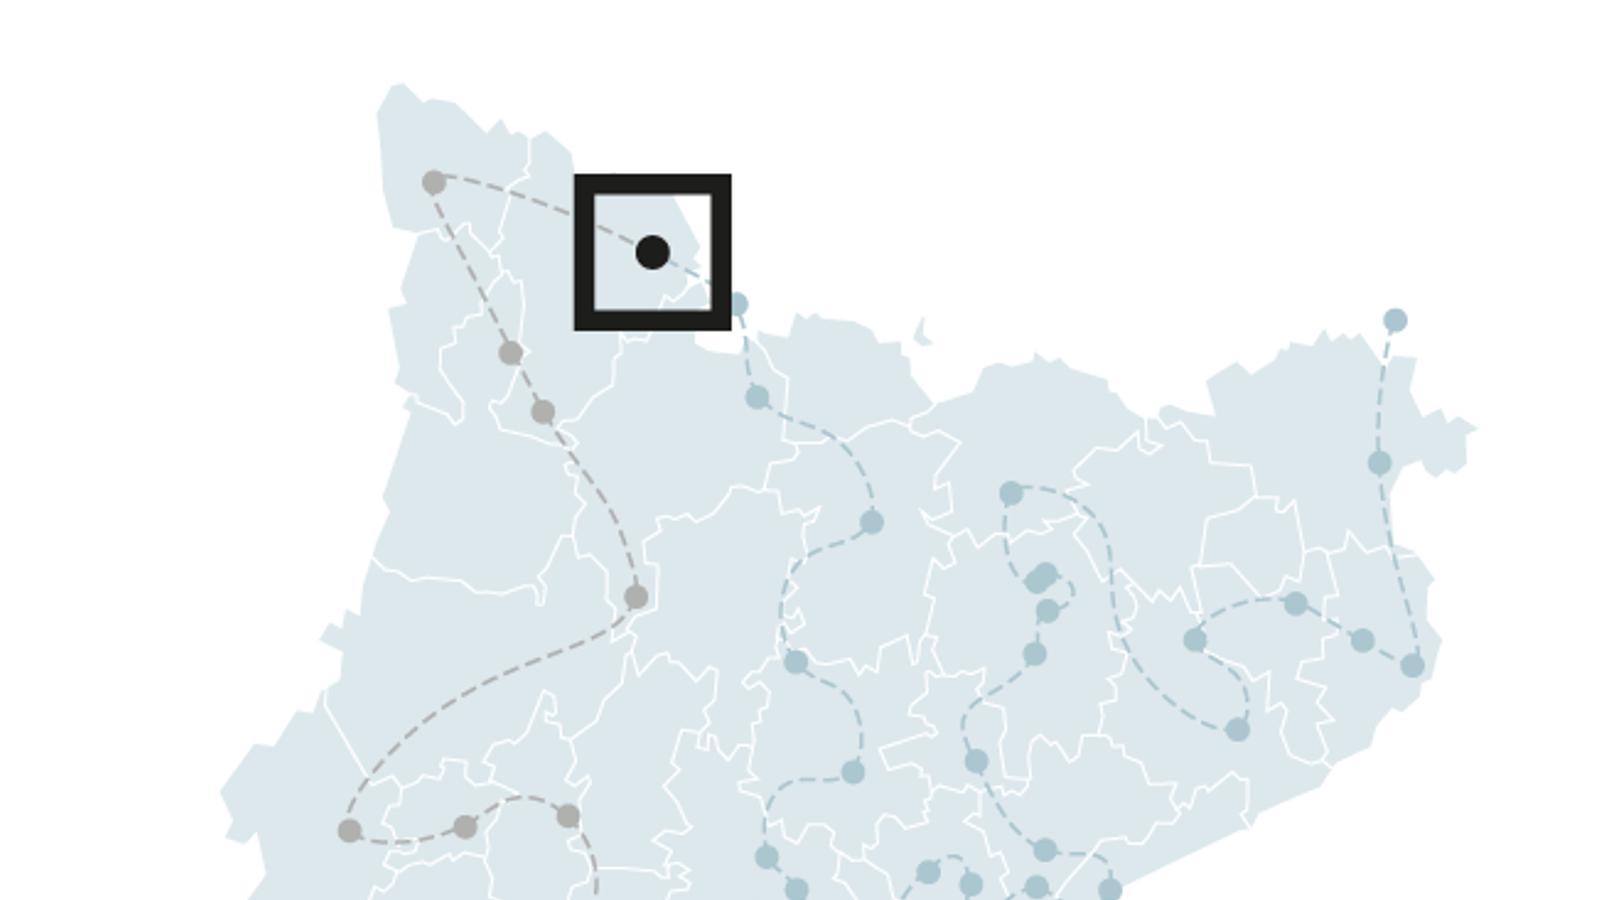 Localització de la serradora d'Àreu.